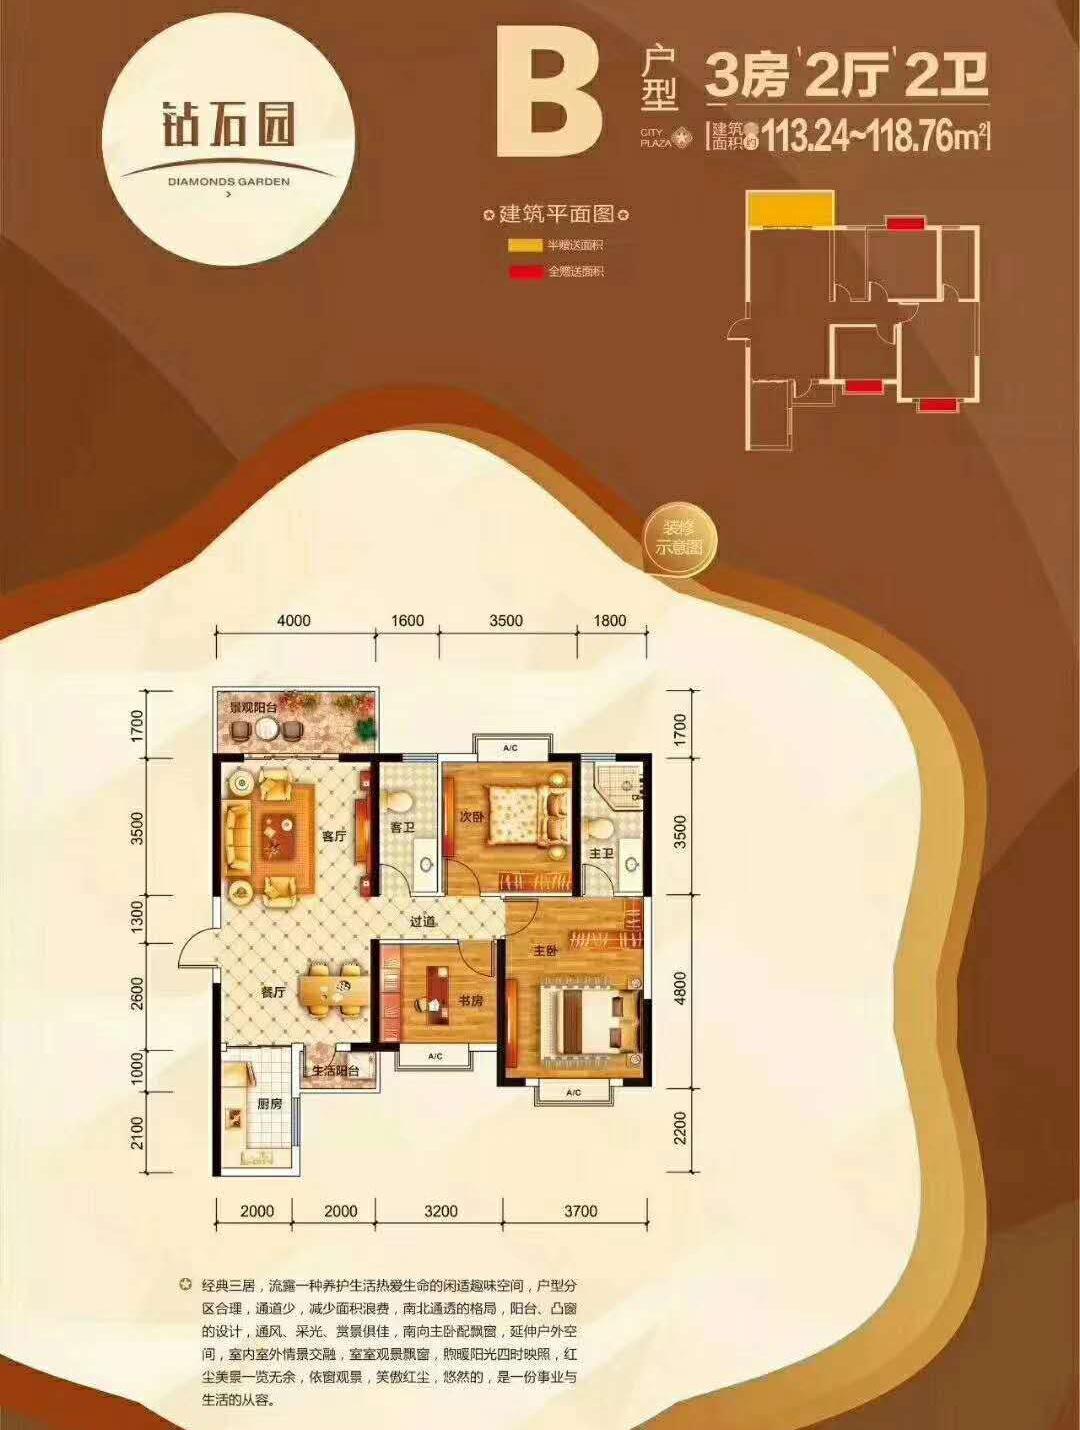 B户型 3房2厅2卫113.24-118.76平